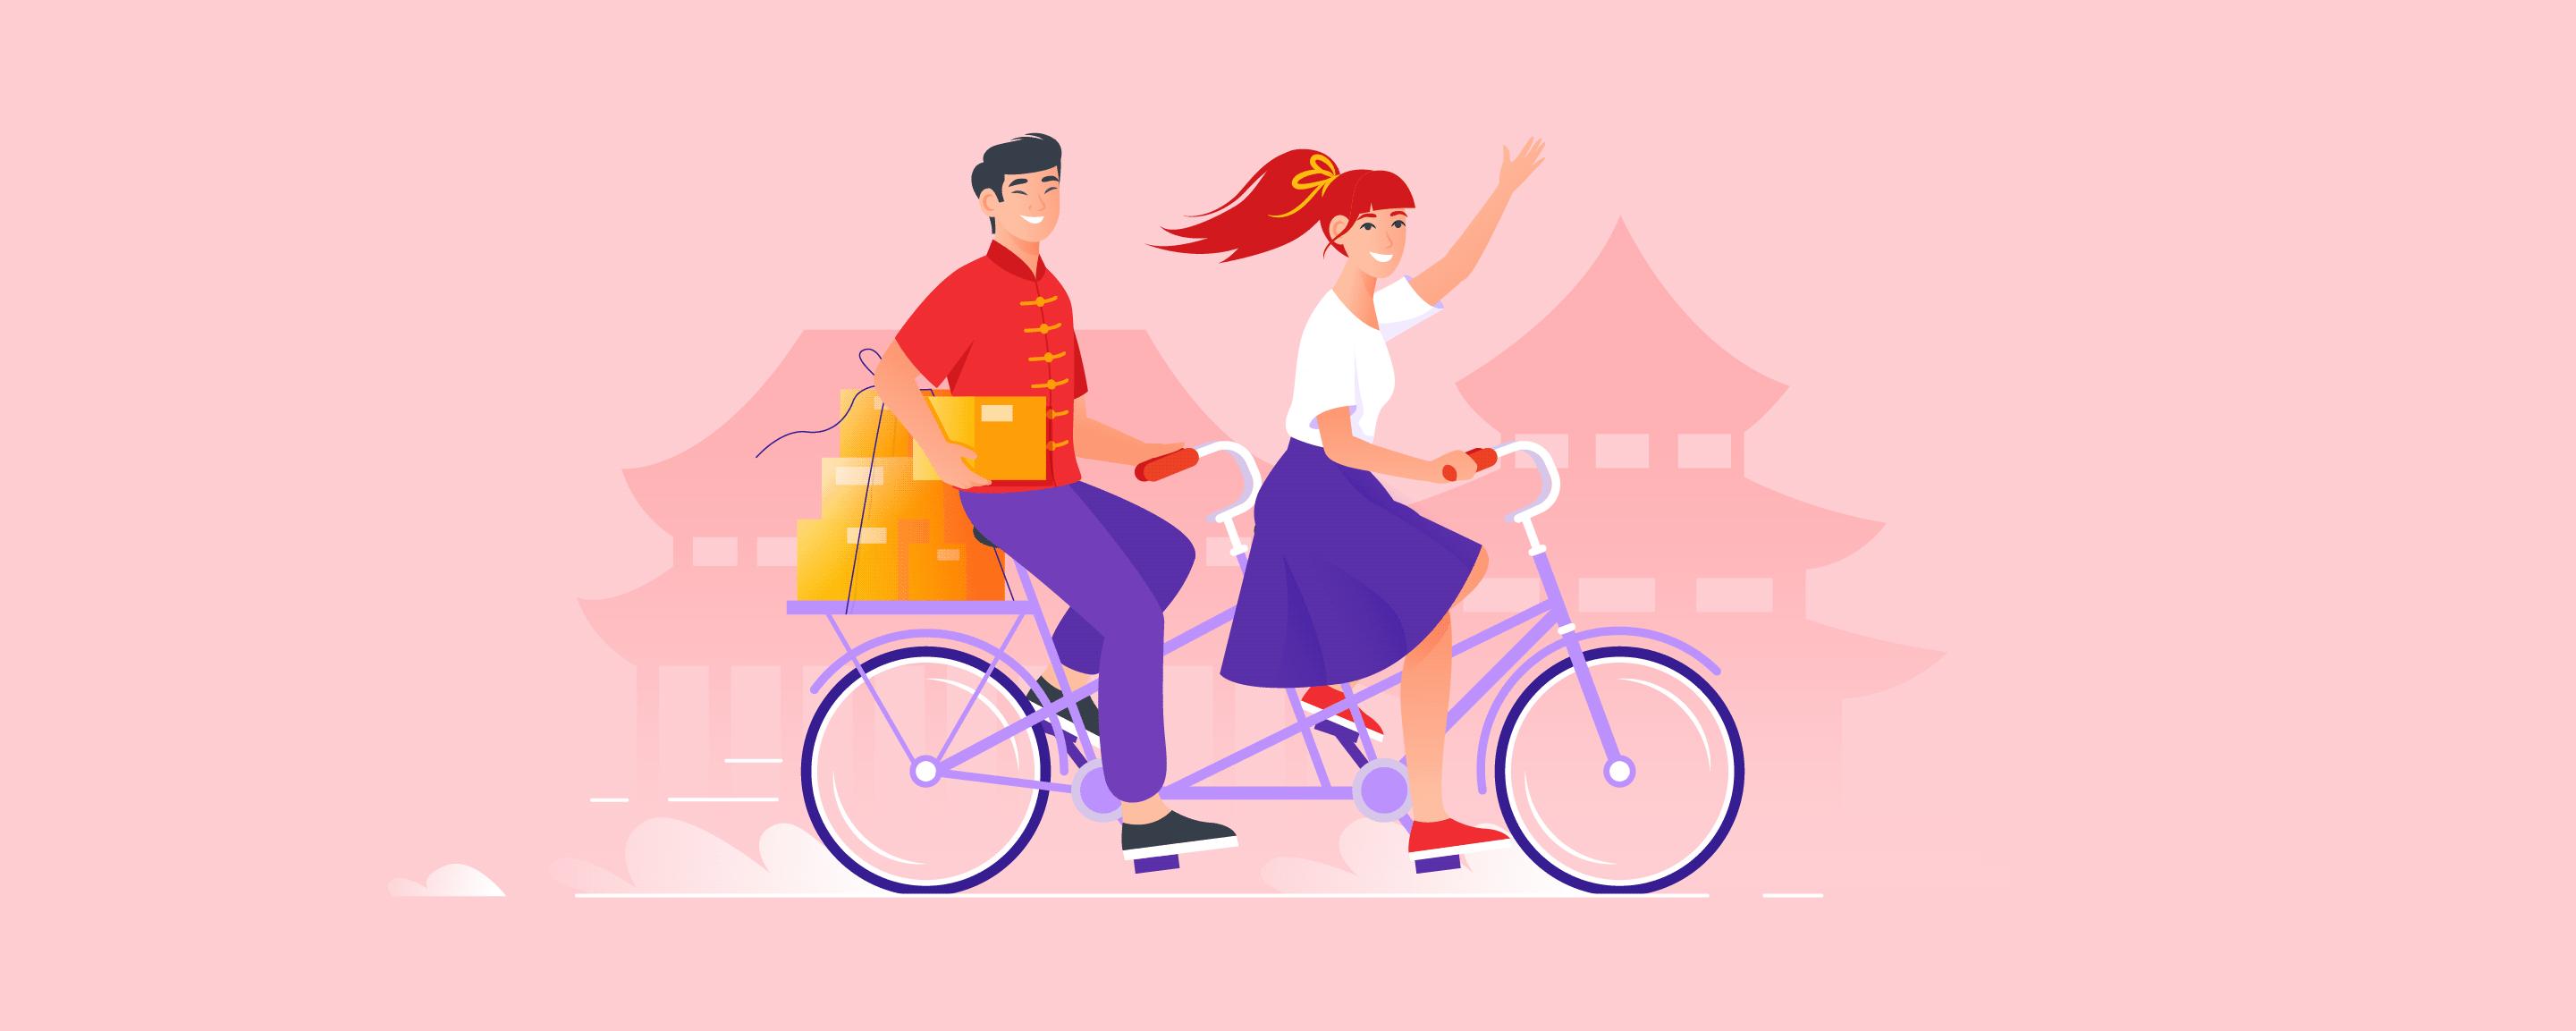 Как выбрать посредника для закупок товаров в Китае